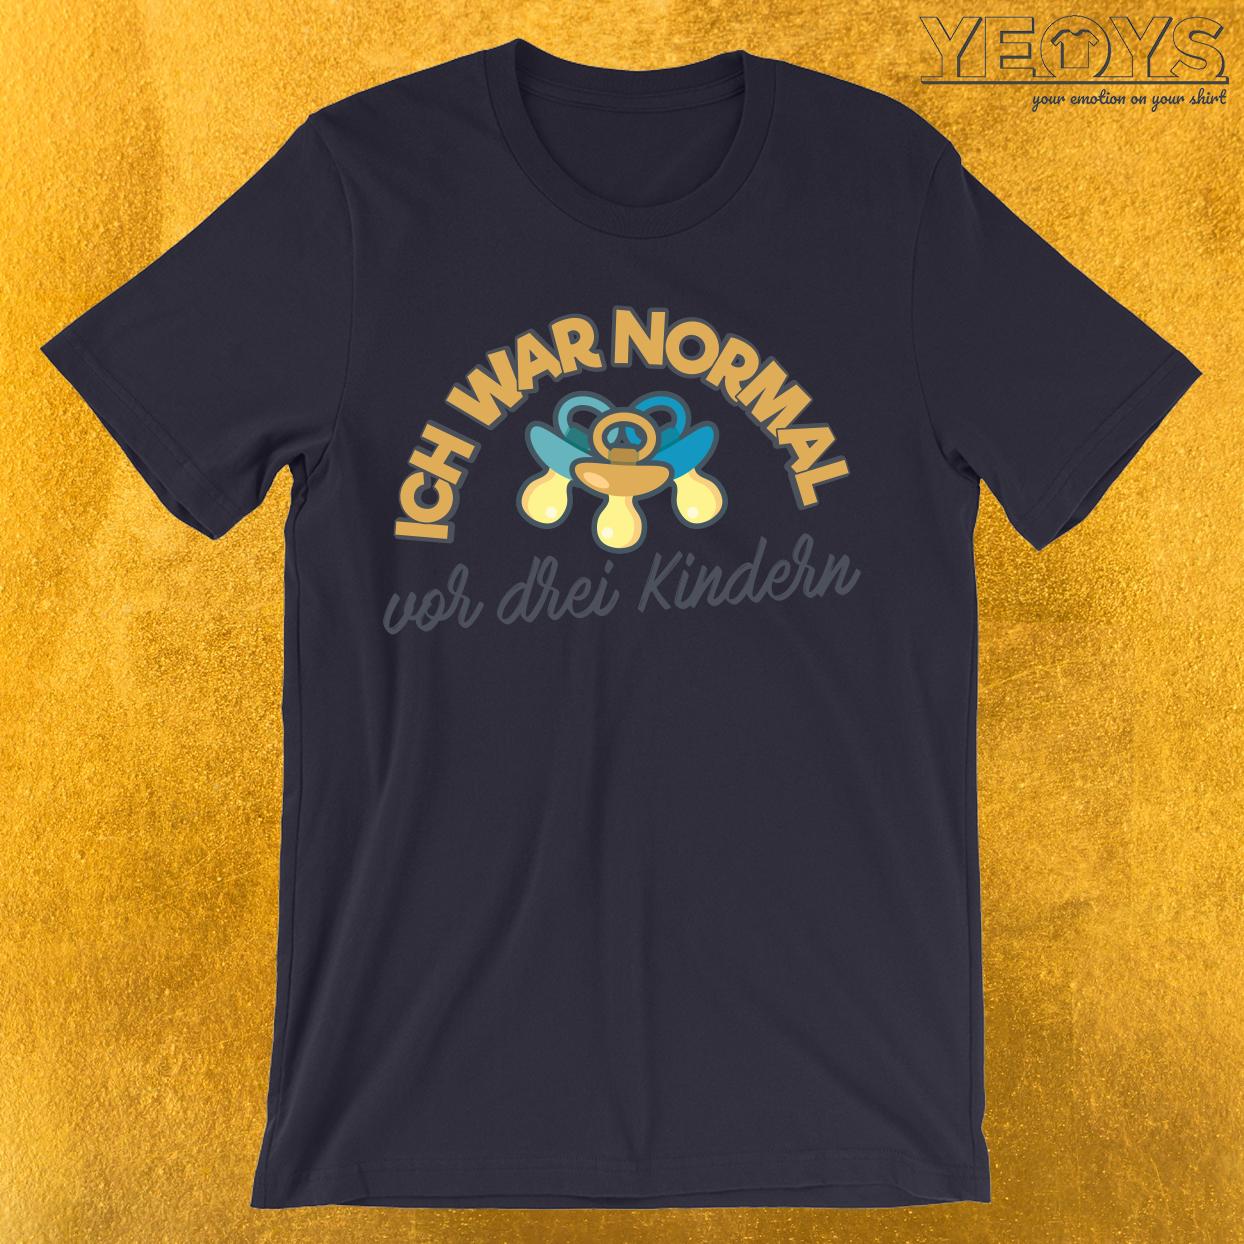 Ich war normal vor 3 Kindern T-Shirt